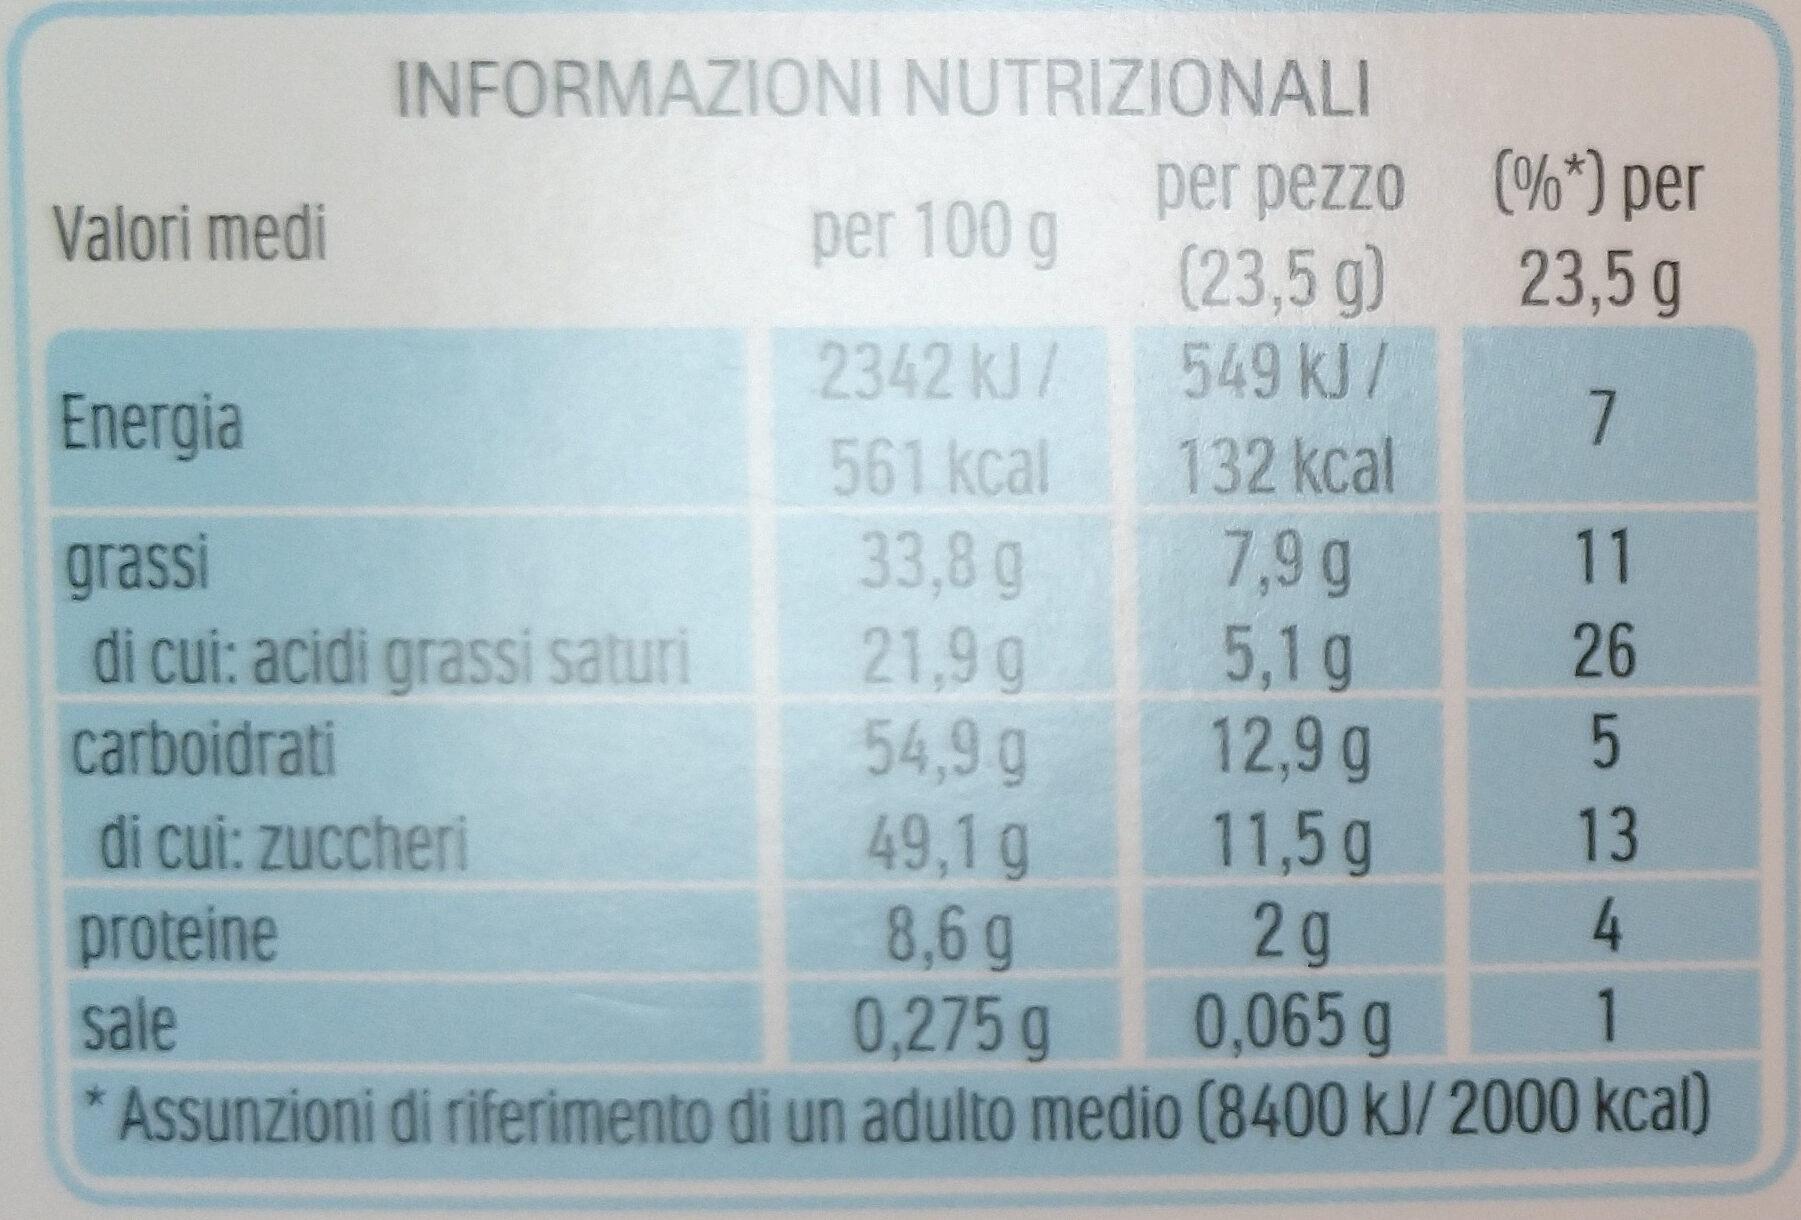 Kinder country barre de cereales enrobee de chocolat 9 barres - Informazioni nutrizionali - it